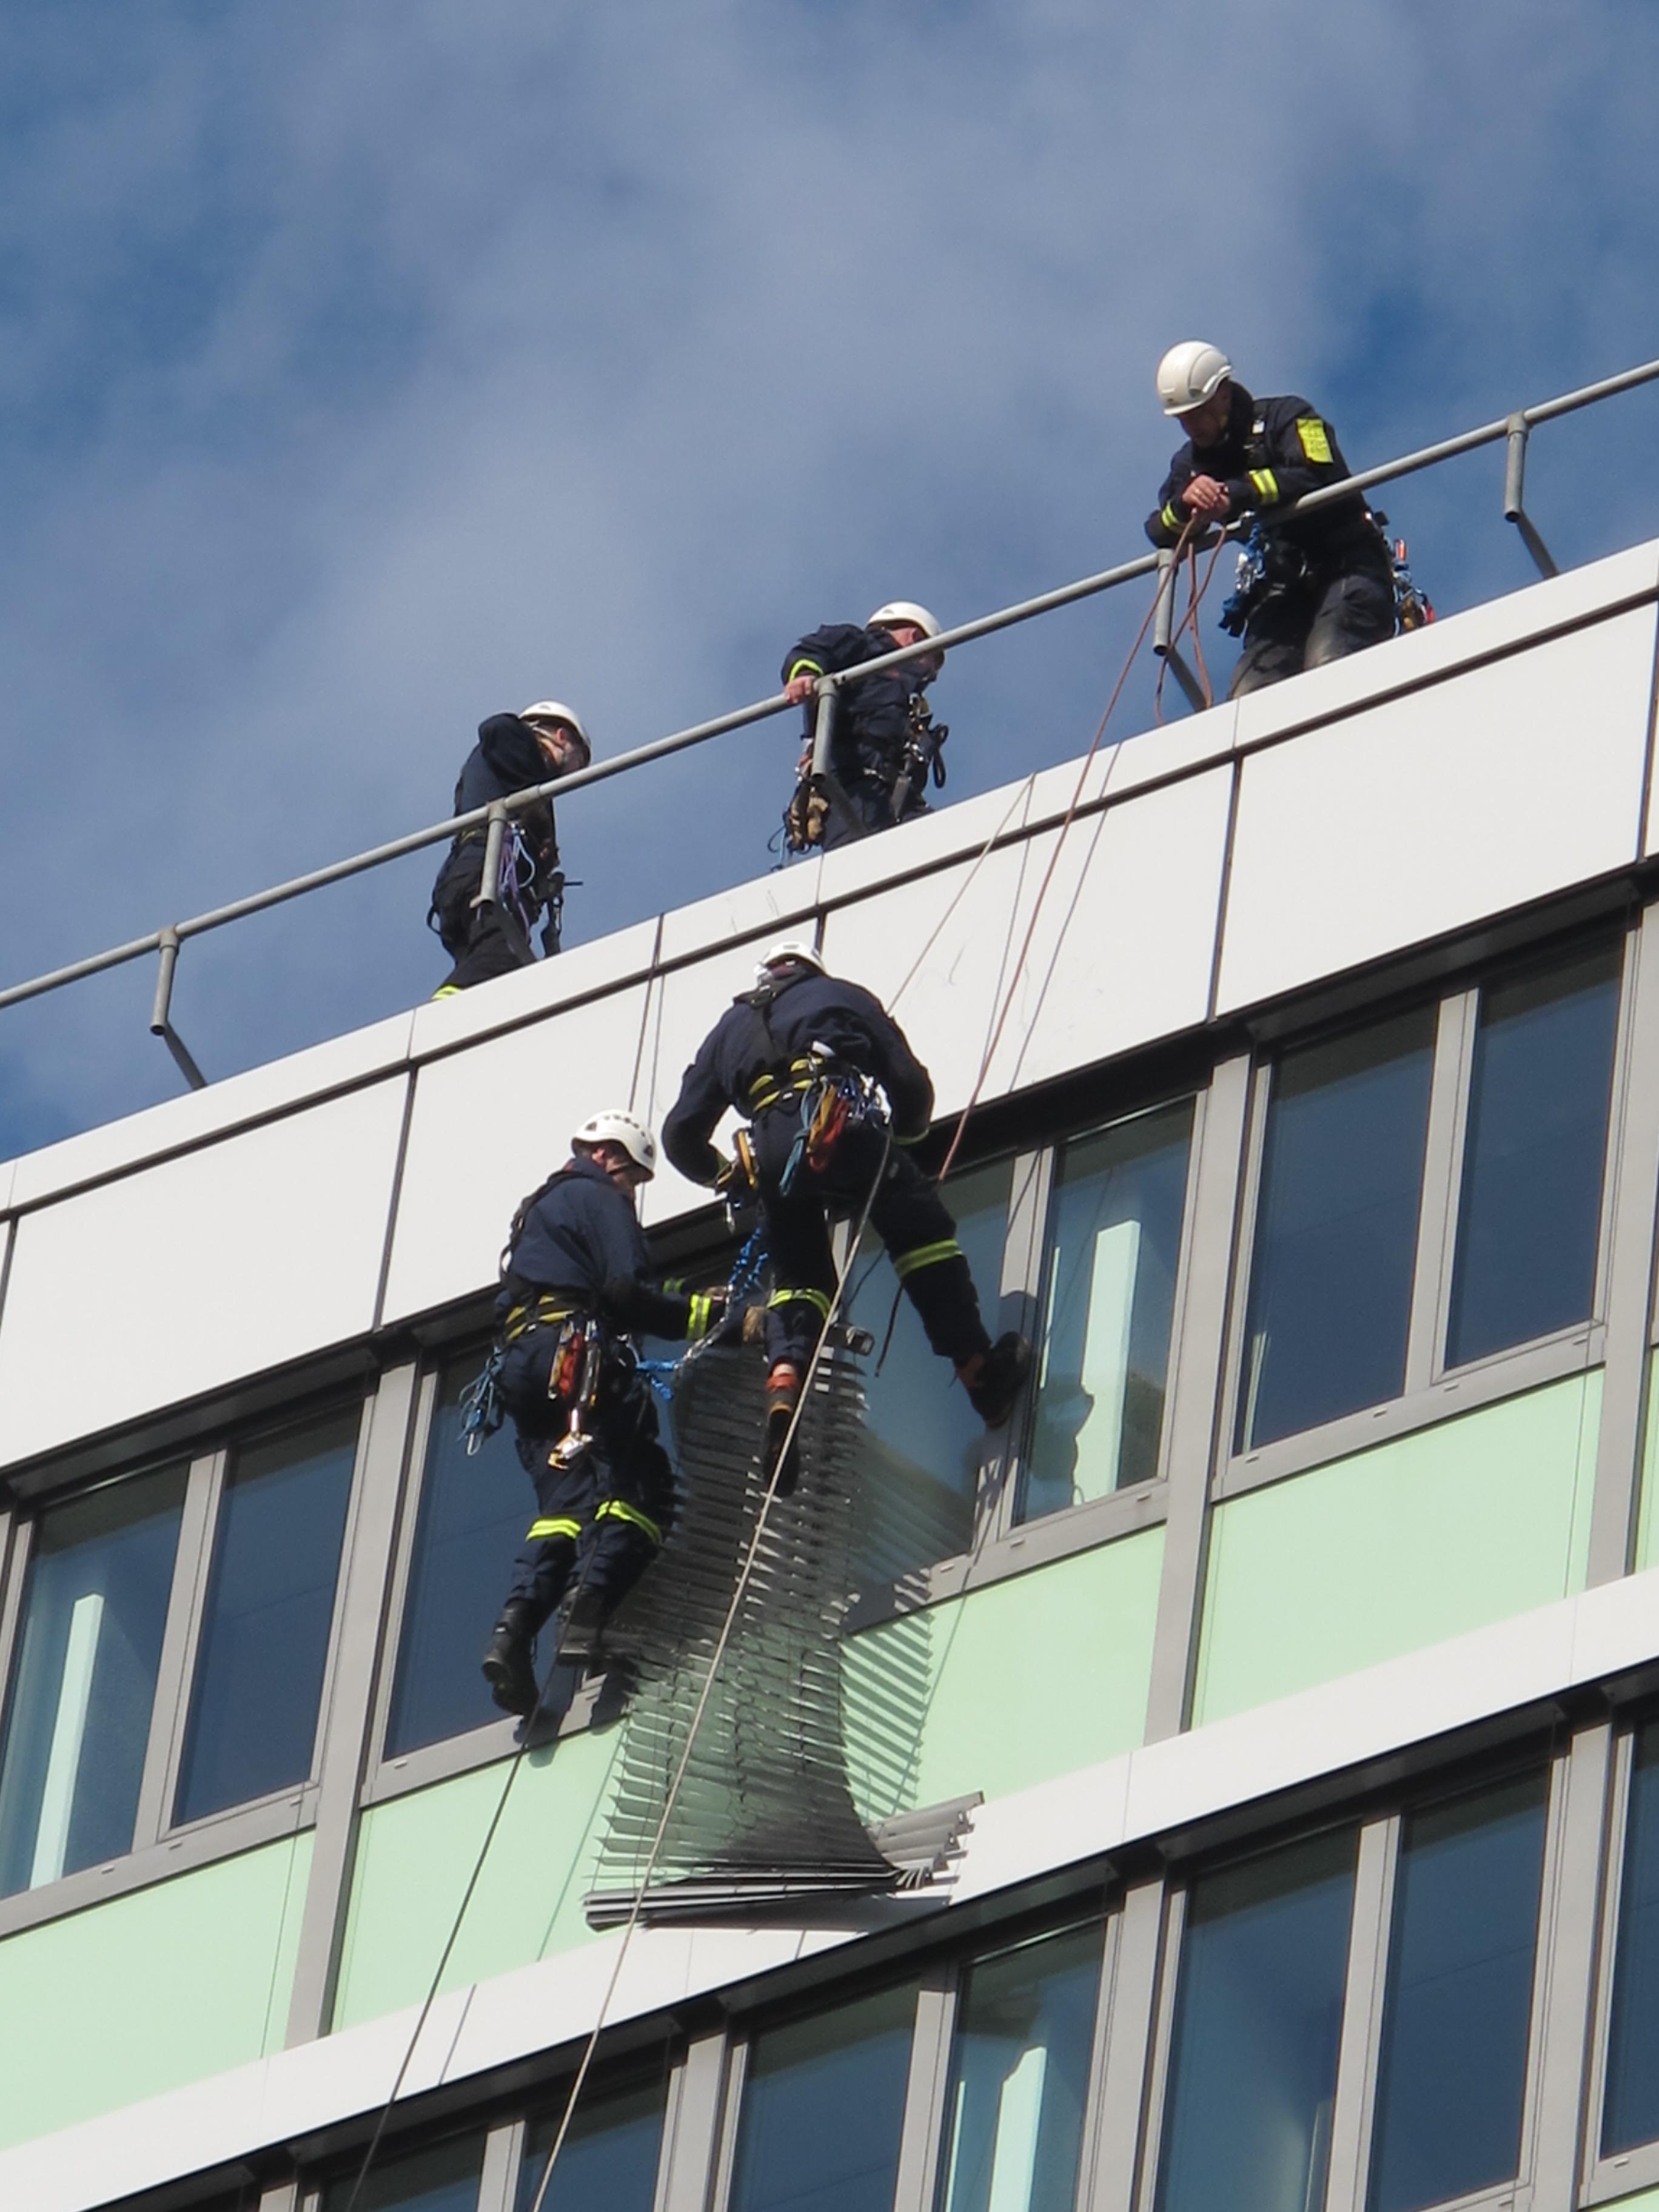 Lose Außenjalousie erfordert Höhenretter-Einsatz (Foto: Feuerwehr Düsseldorf)